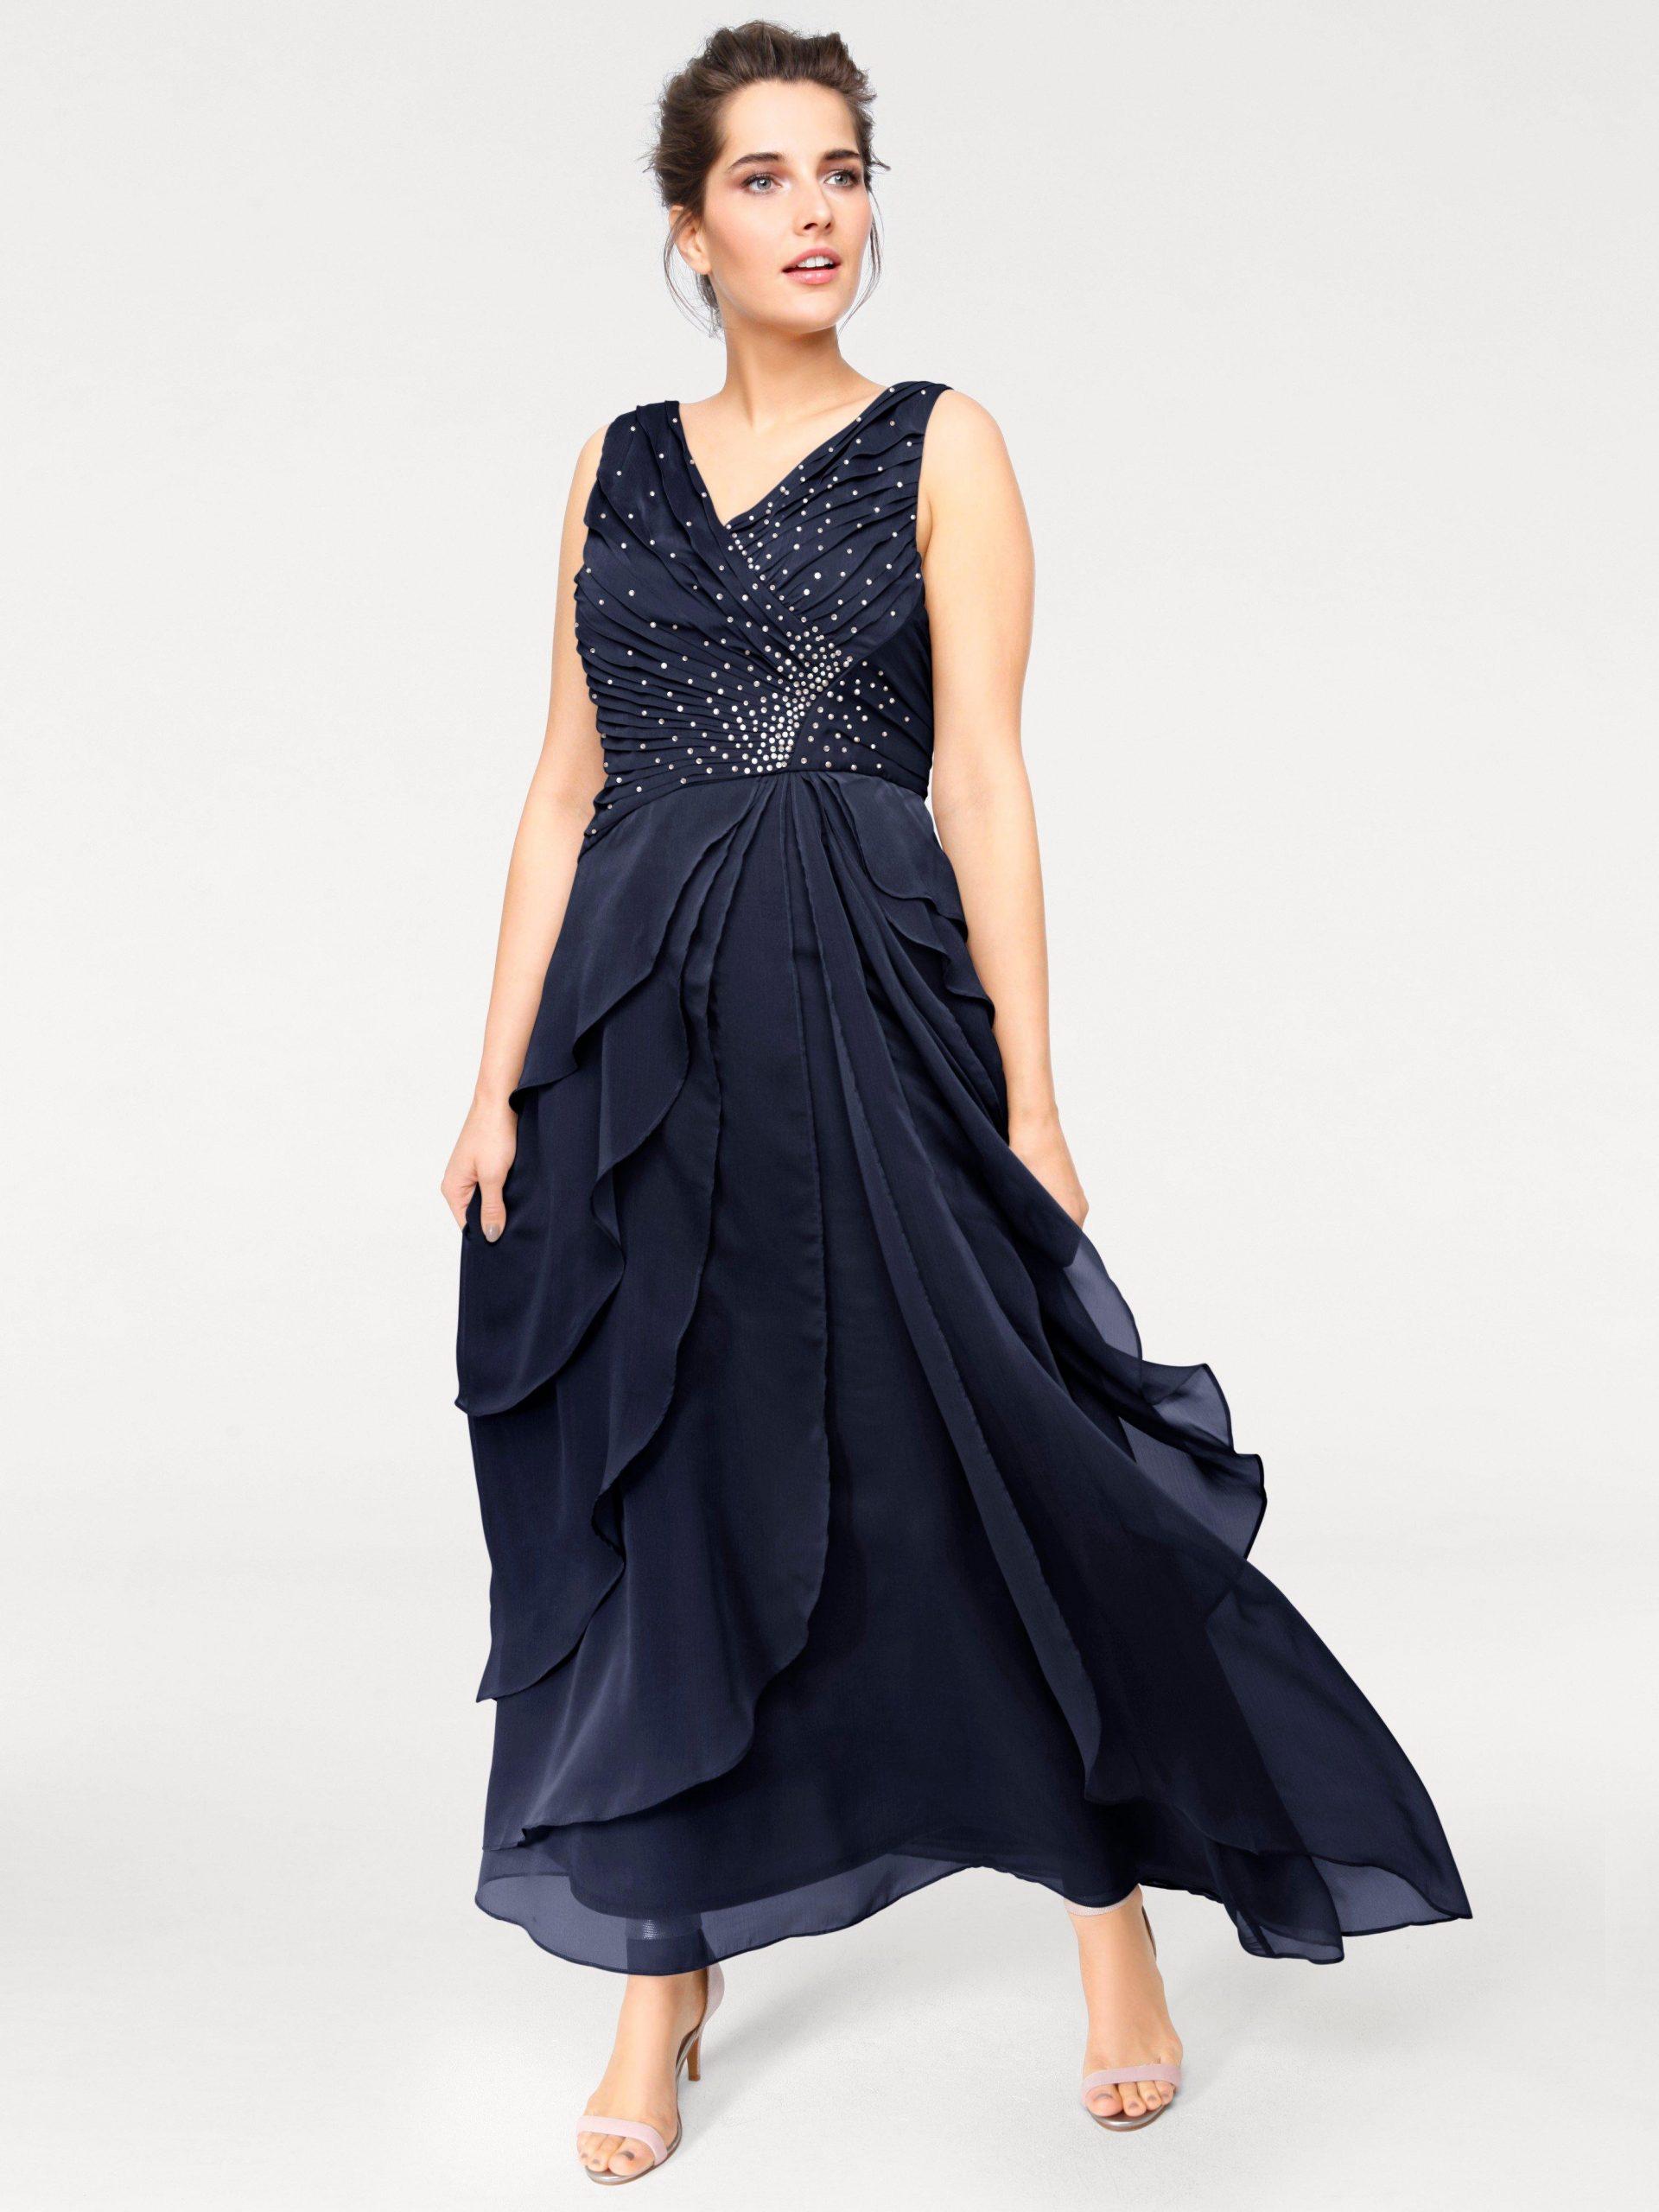 Luxus Abendkleid Im Lagenlook Vertrieb10 Coolste Abendkleid Im Lagenlook Boutique